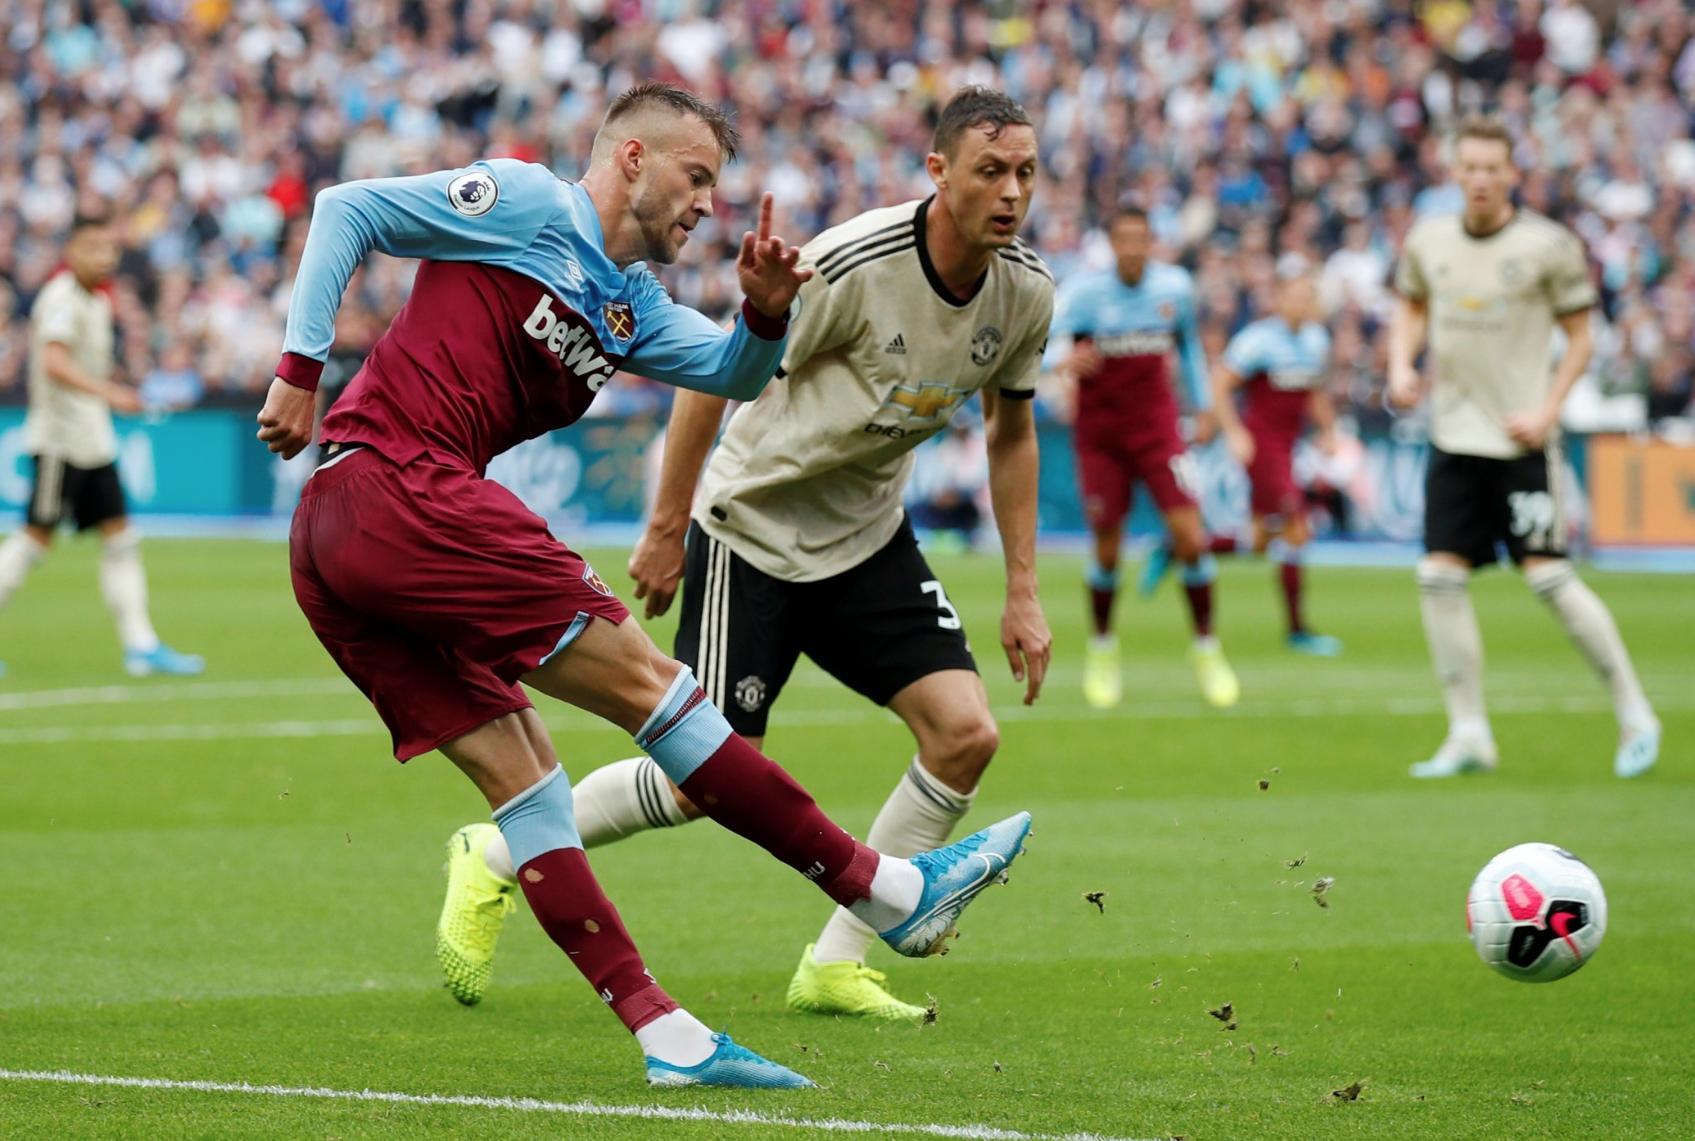 Ярмоленко открыл счет в матче с Манчестер Юнайтед - изображение 1